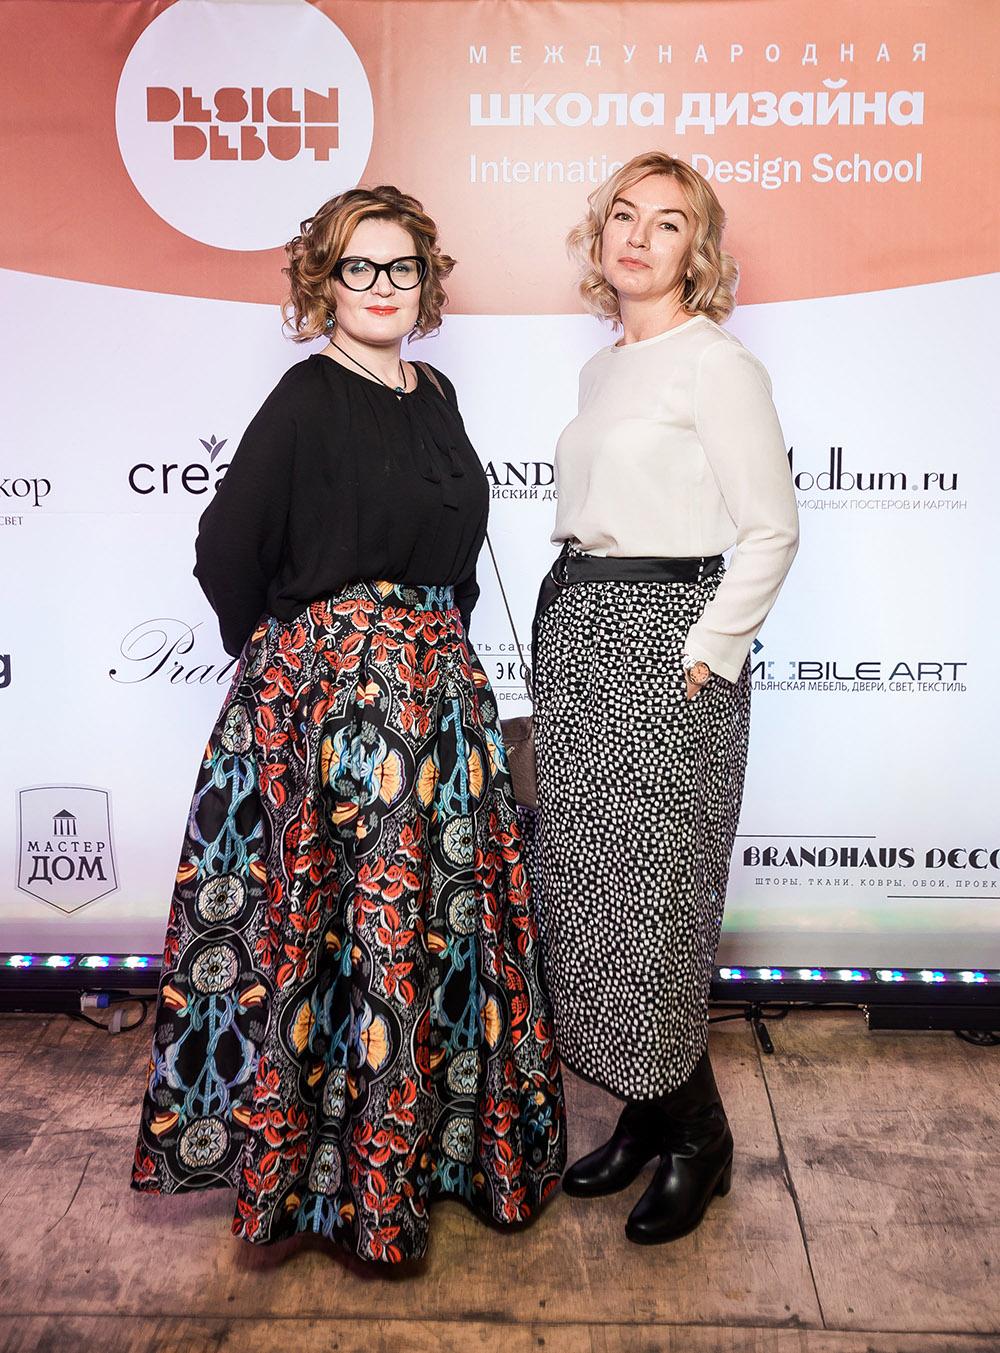 Дизайнеры Нина Ганова и Марина Хромова